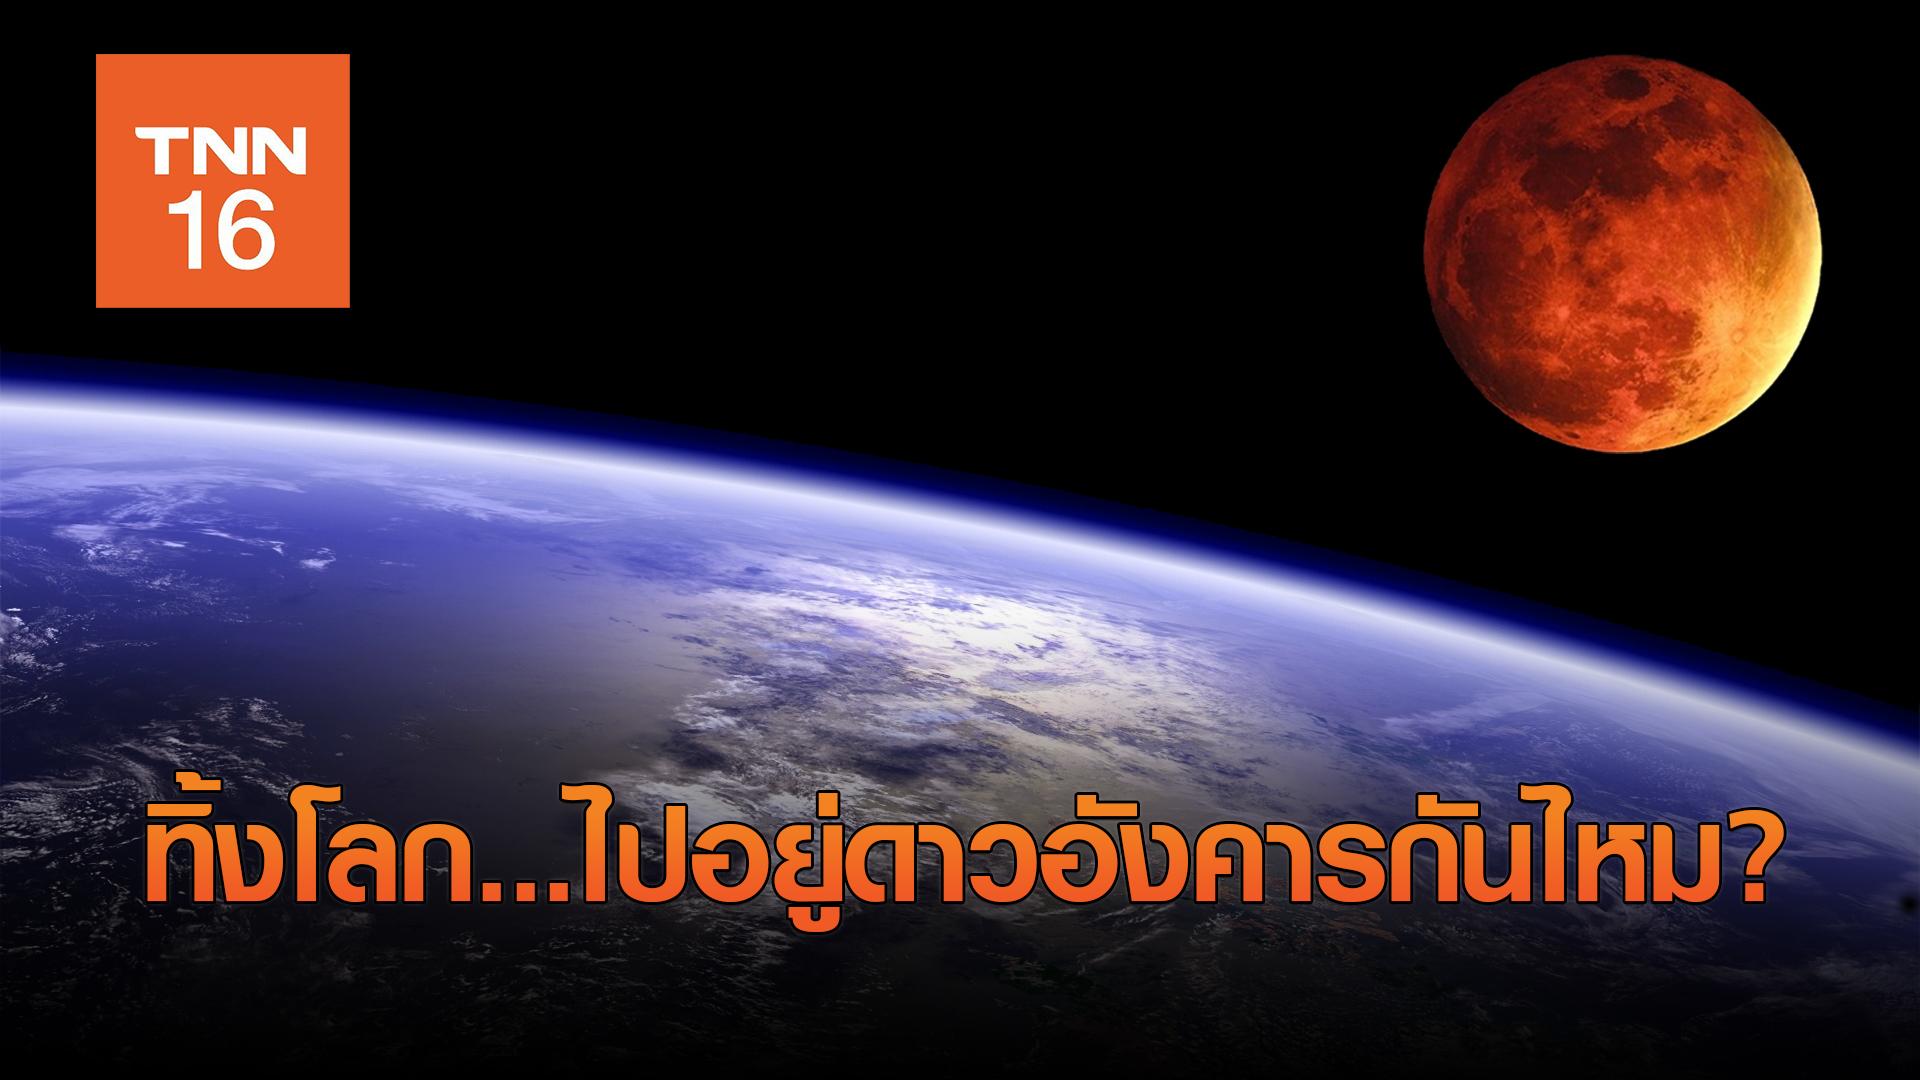 """""""ดาวอังคาร"""" ดาวเคราะห์ต้องคำสาป ภารกิจสุดยากของมนุษยชาติ (มีคลิป)"""